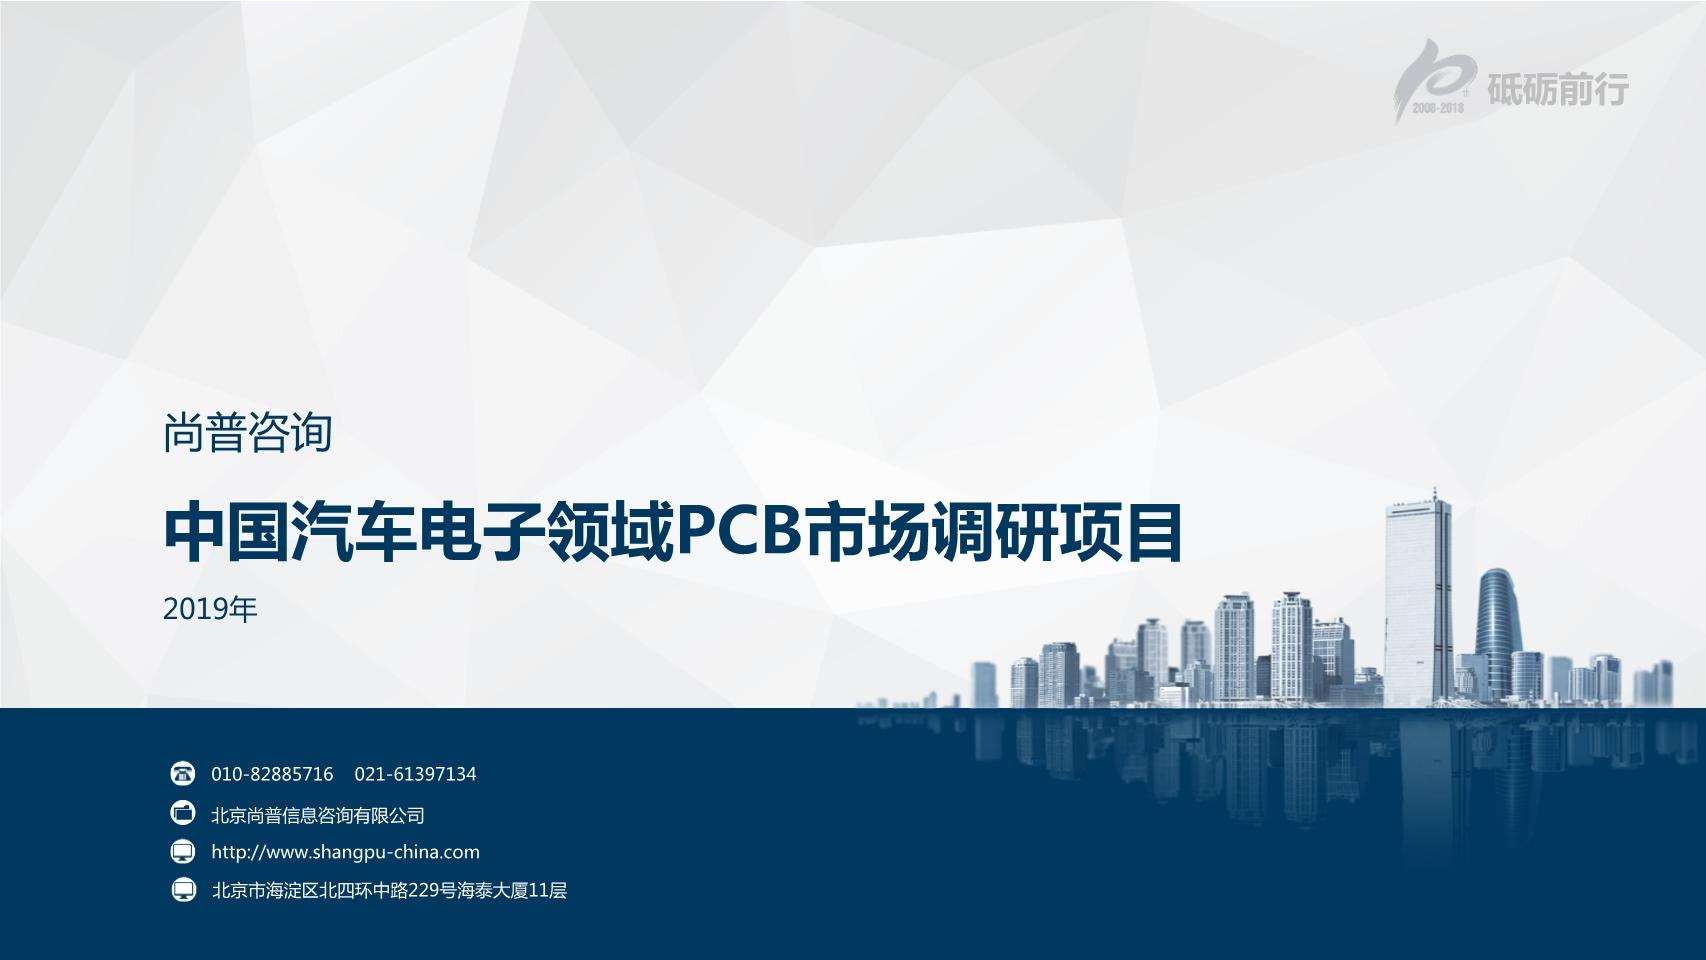 尚普咨询-中国汽车电子领域PCB板市场调研